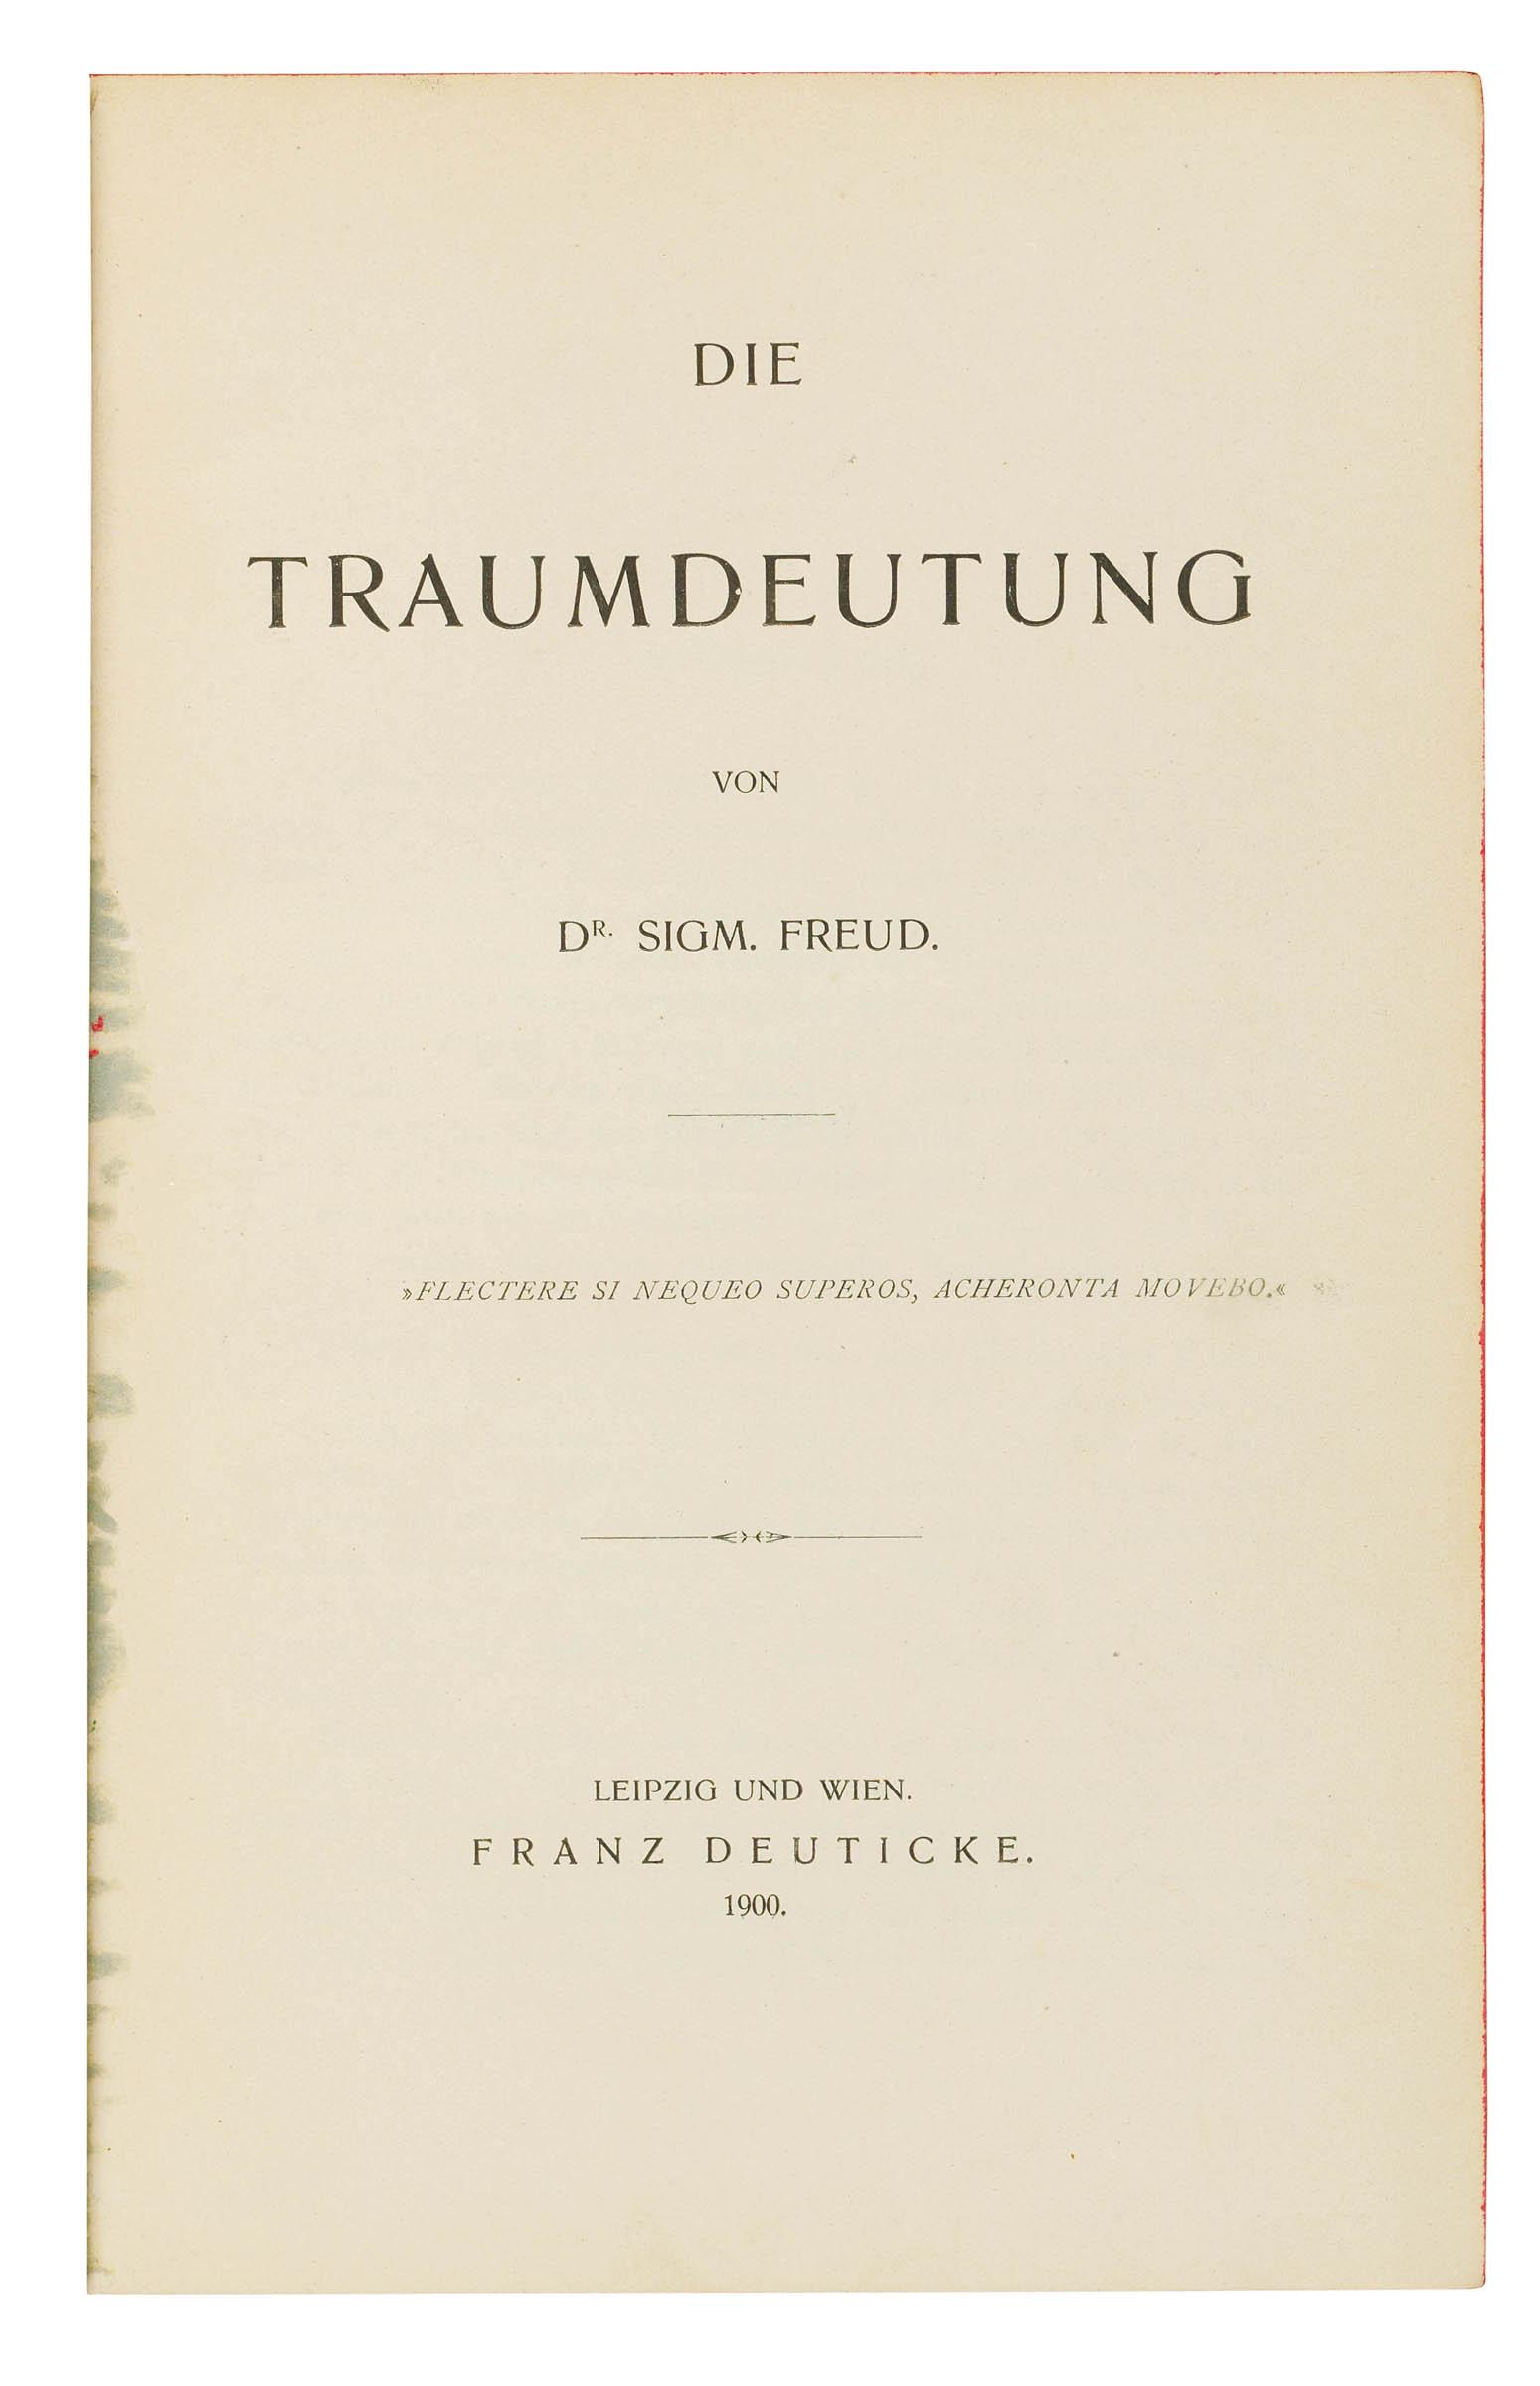 FREUD, Sigmund (1856-1939). Die Traumdeutung. Leipzig and Vienna: Franz Deuticke, 1900.